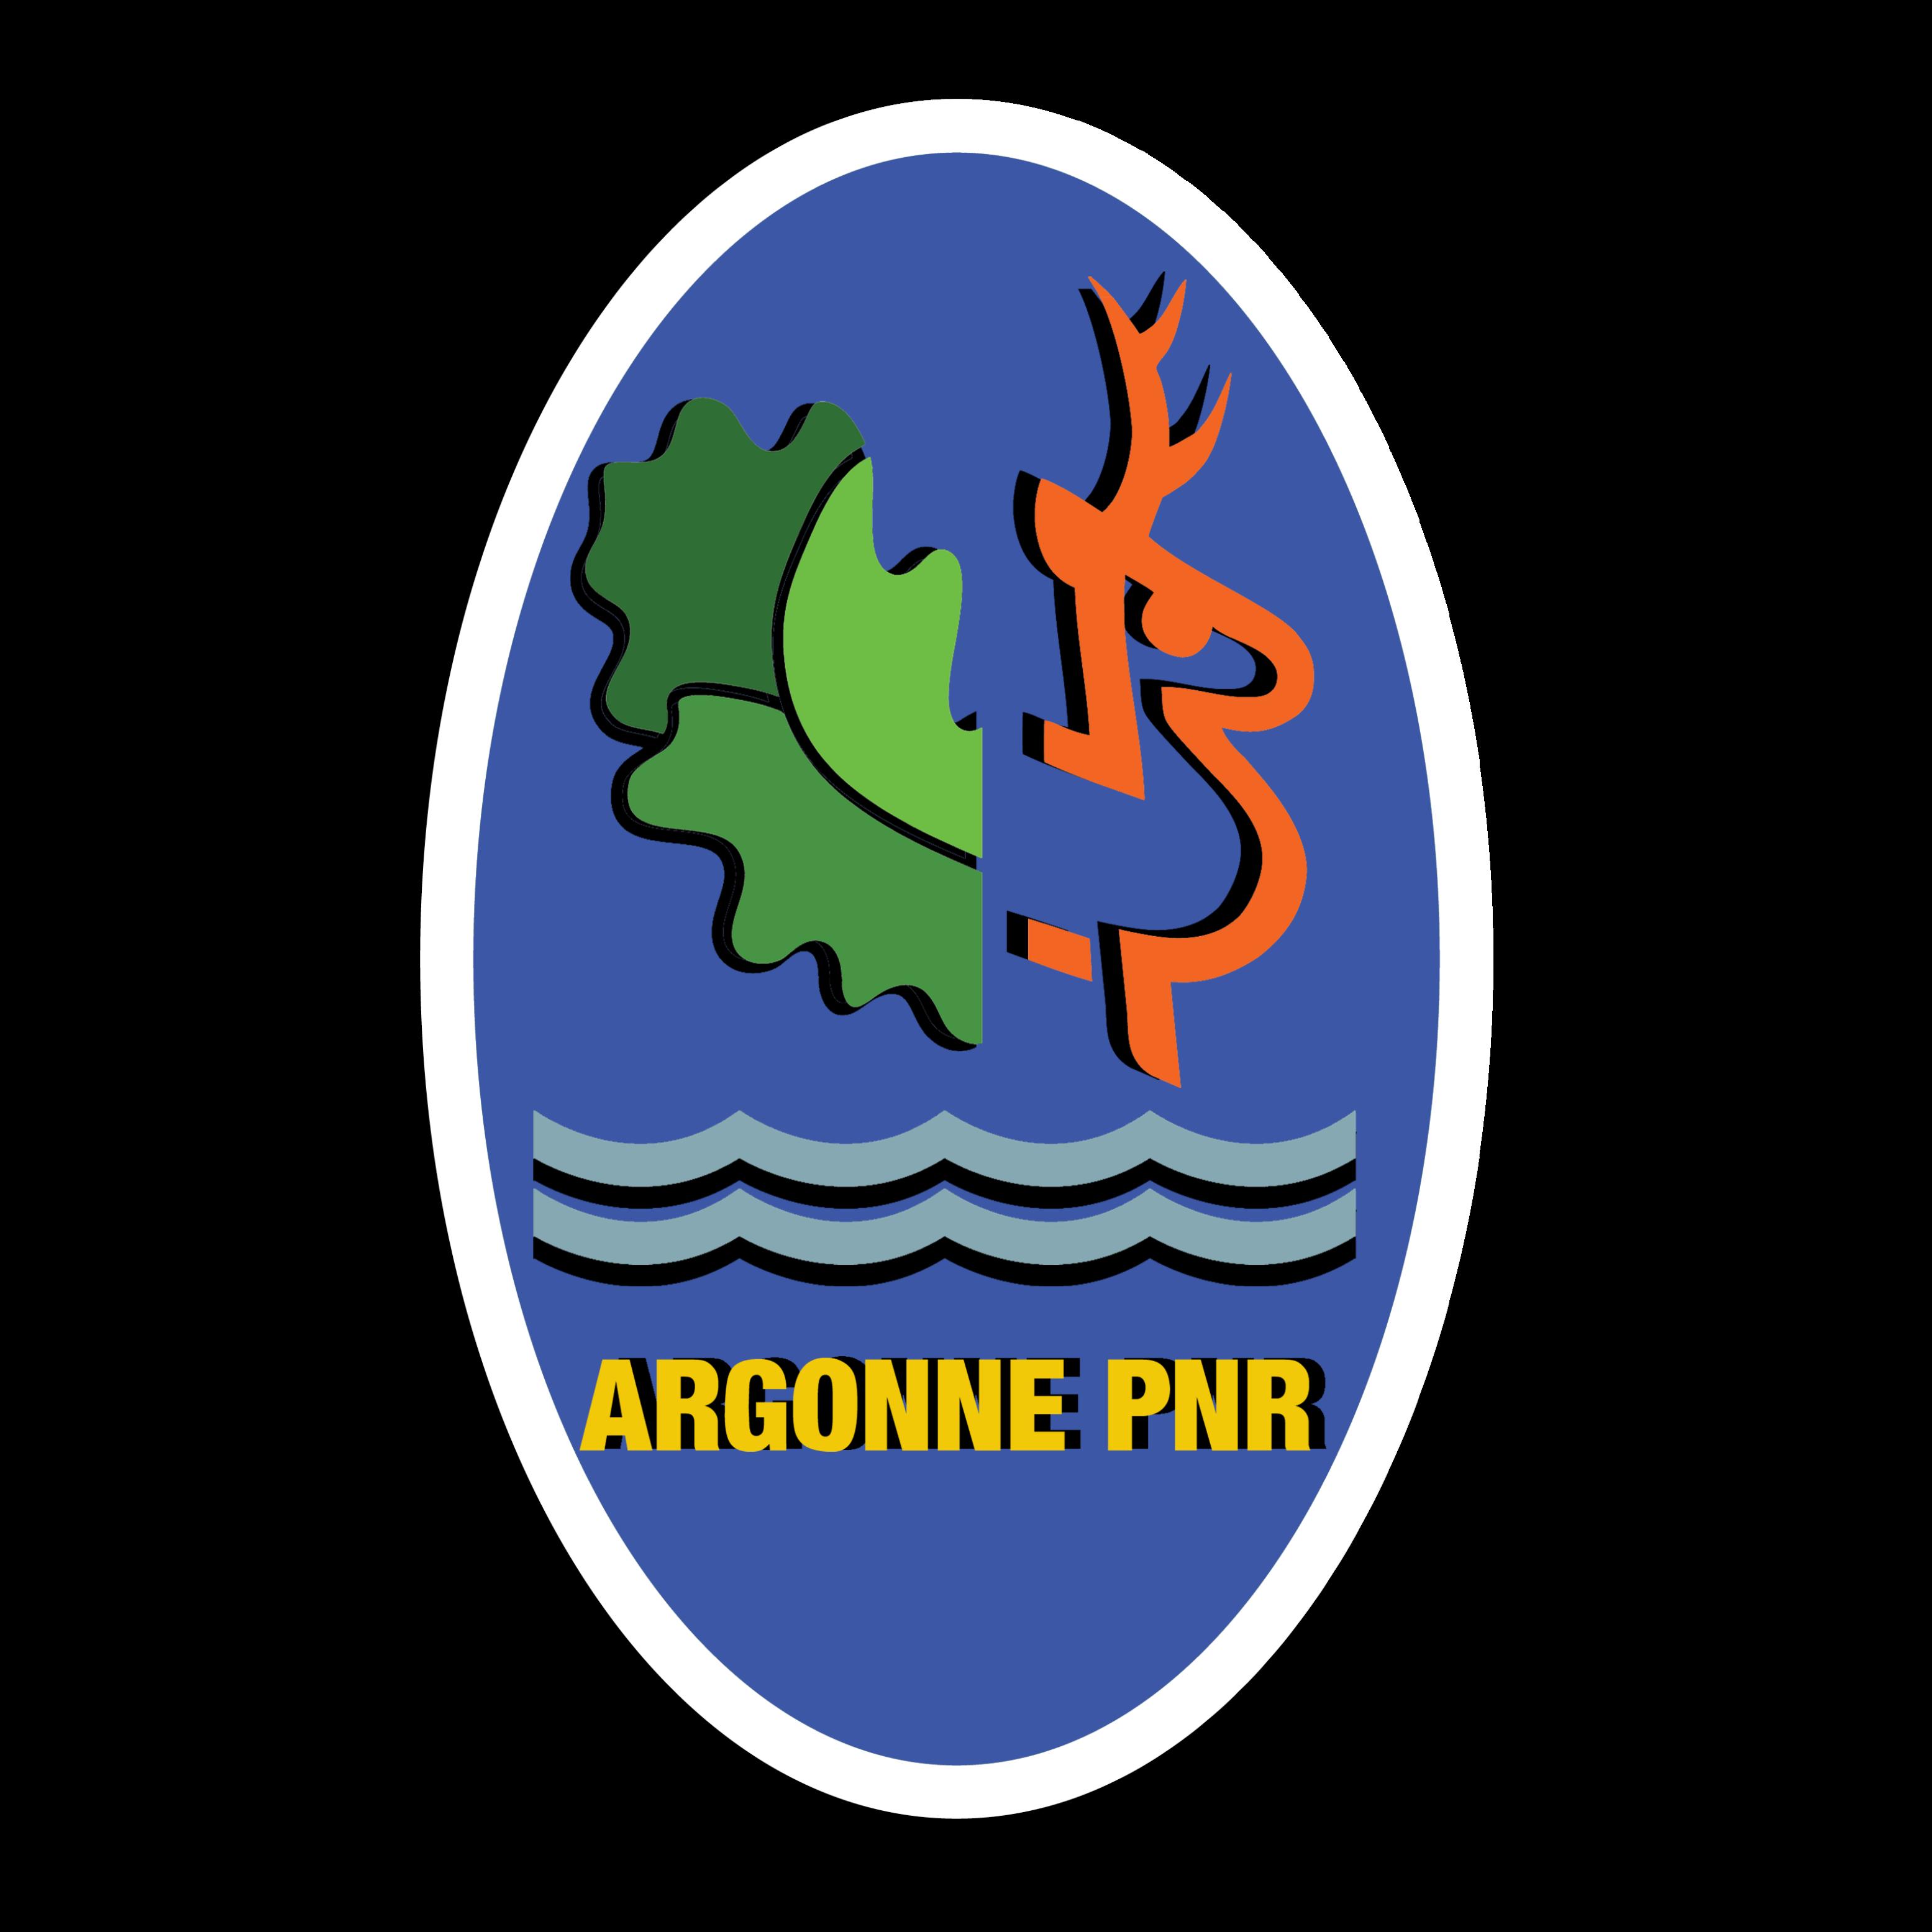 Argonne-PNR